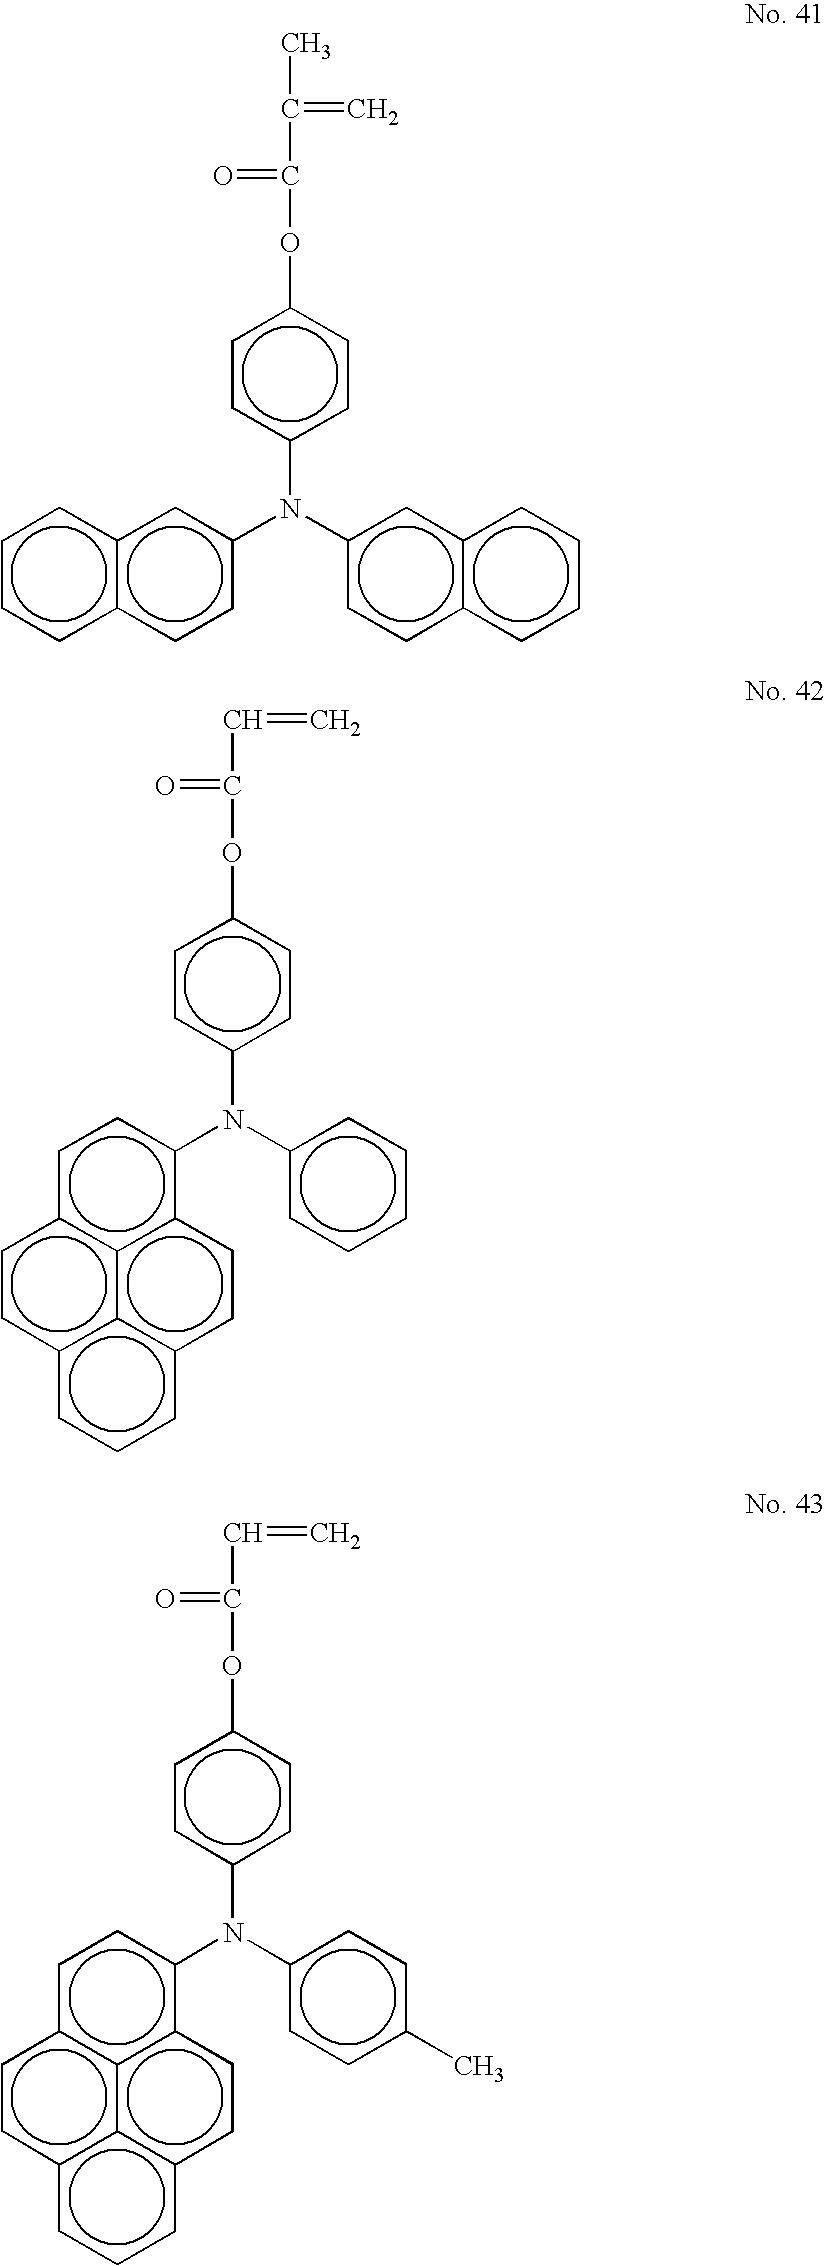 Figure US20050158641A1-20050721-C00027